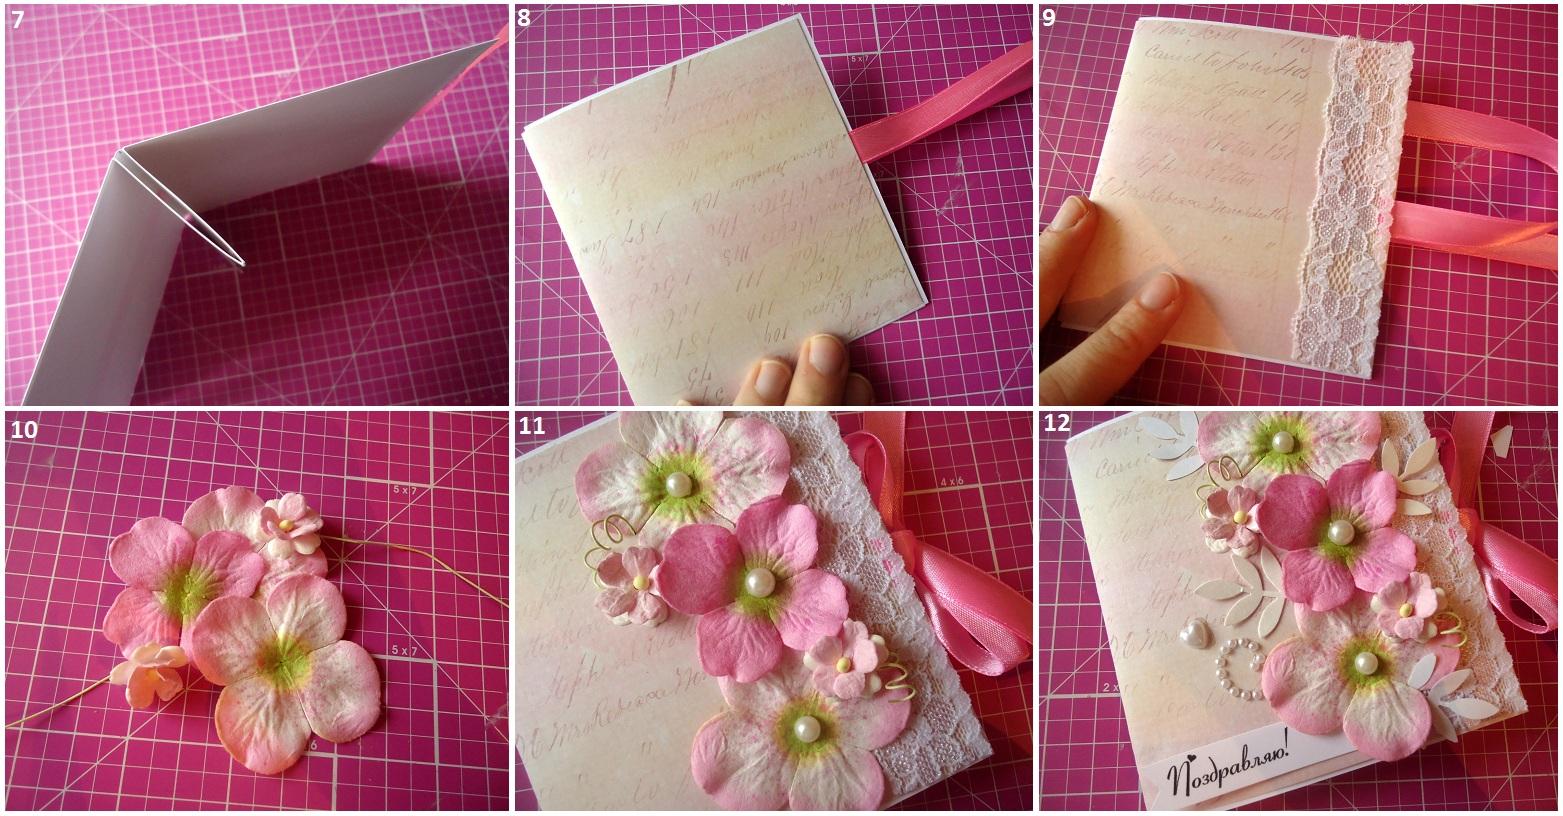 Пошаговое изготовление открыток своими руками